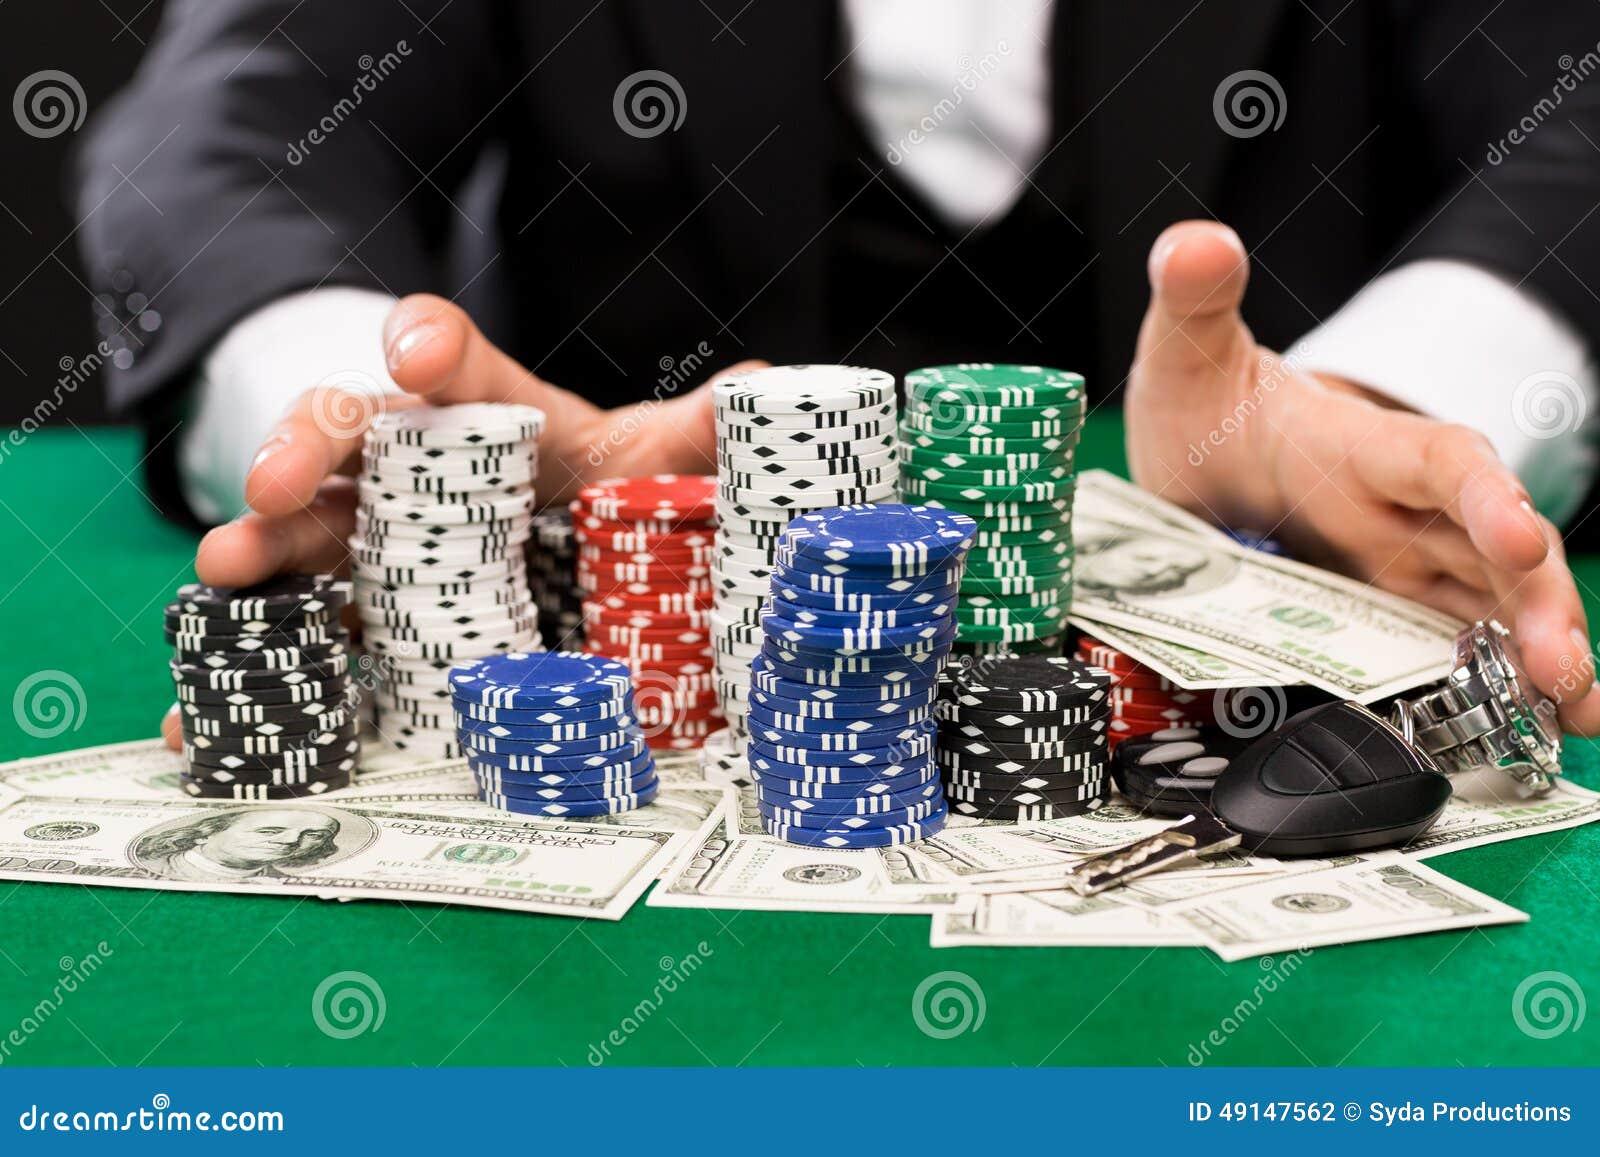 Как играть в онлайн покер в браузере